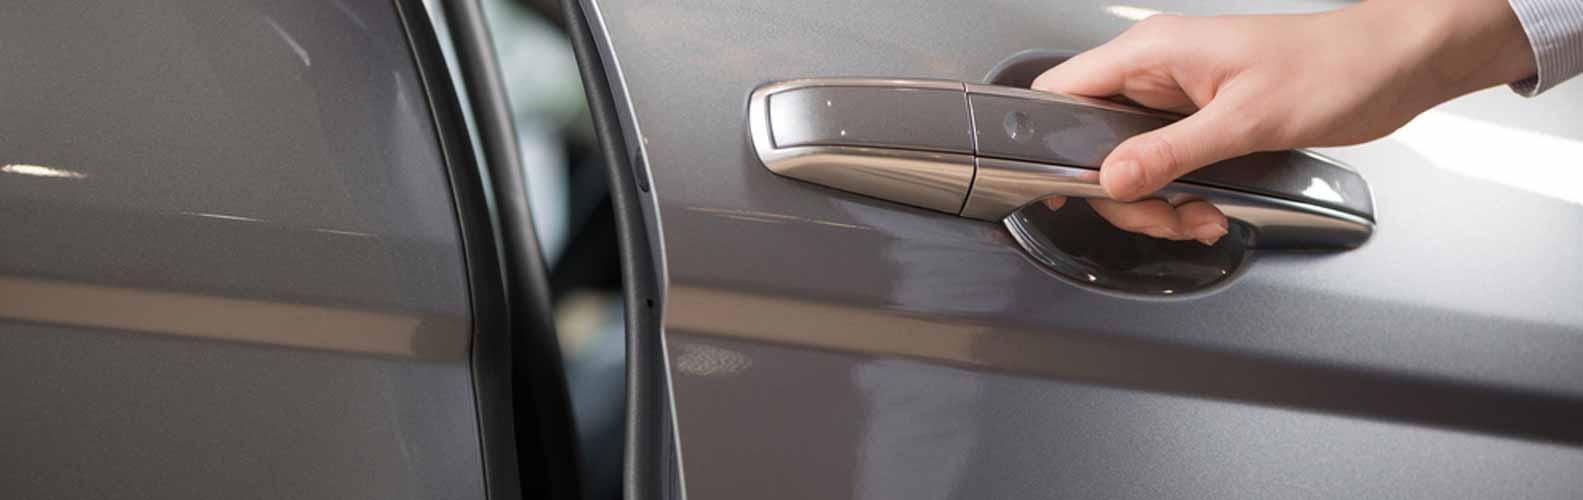 Bellevue Automotive Locksmith